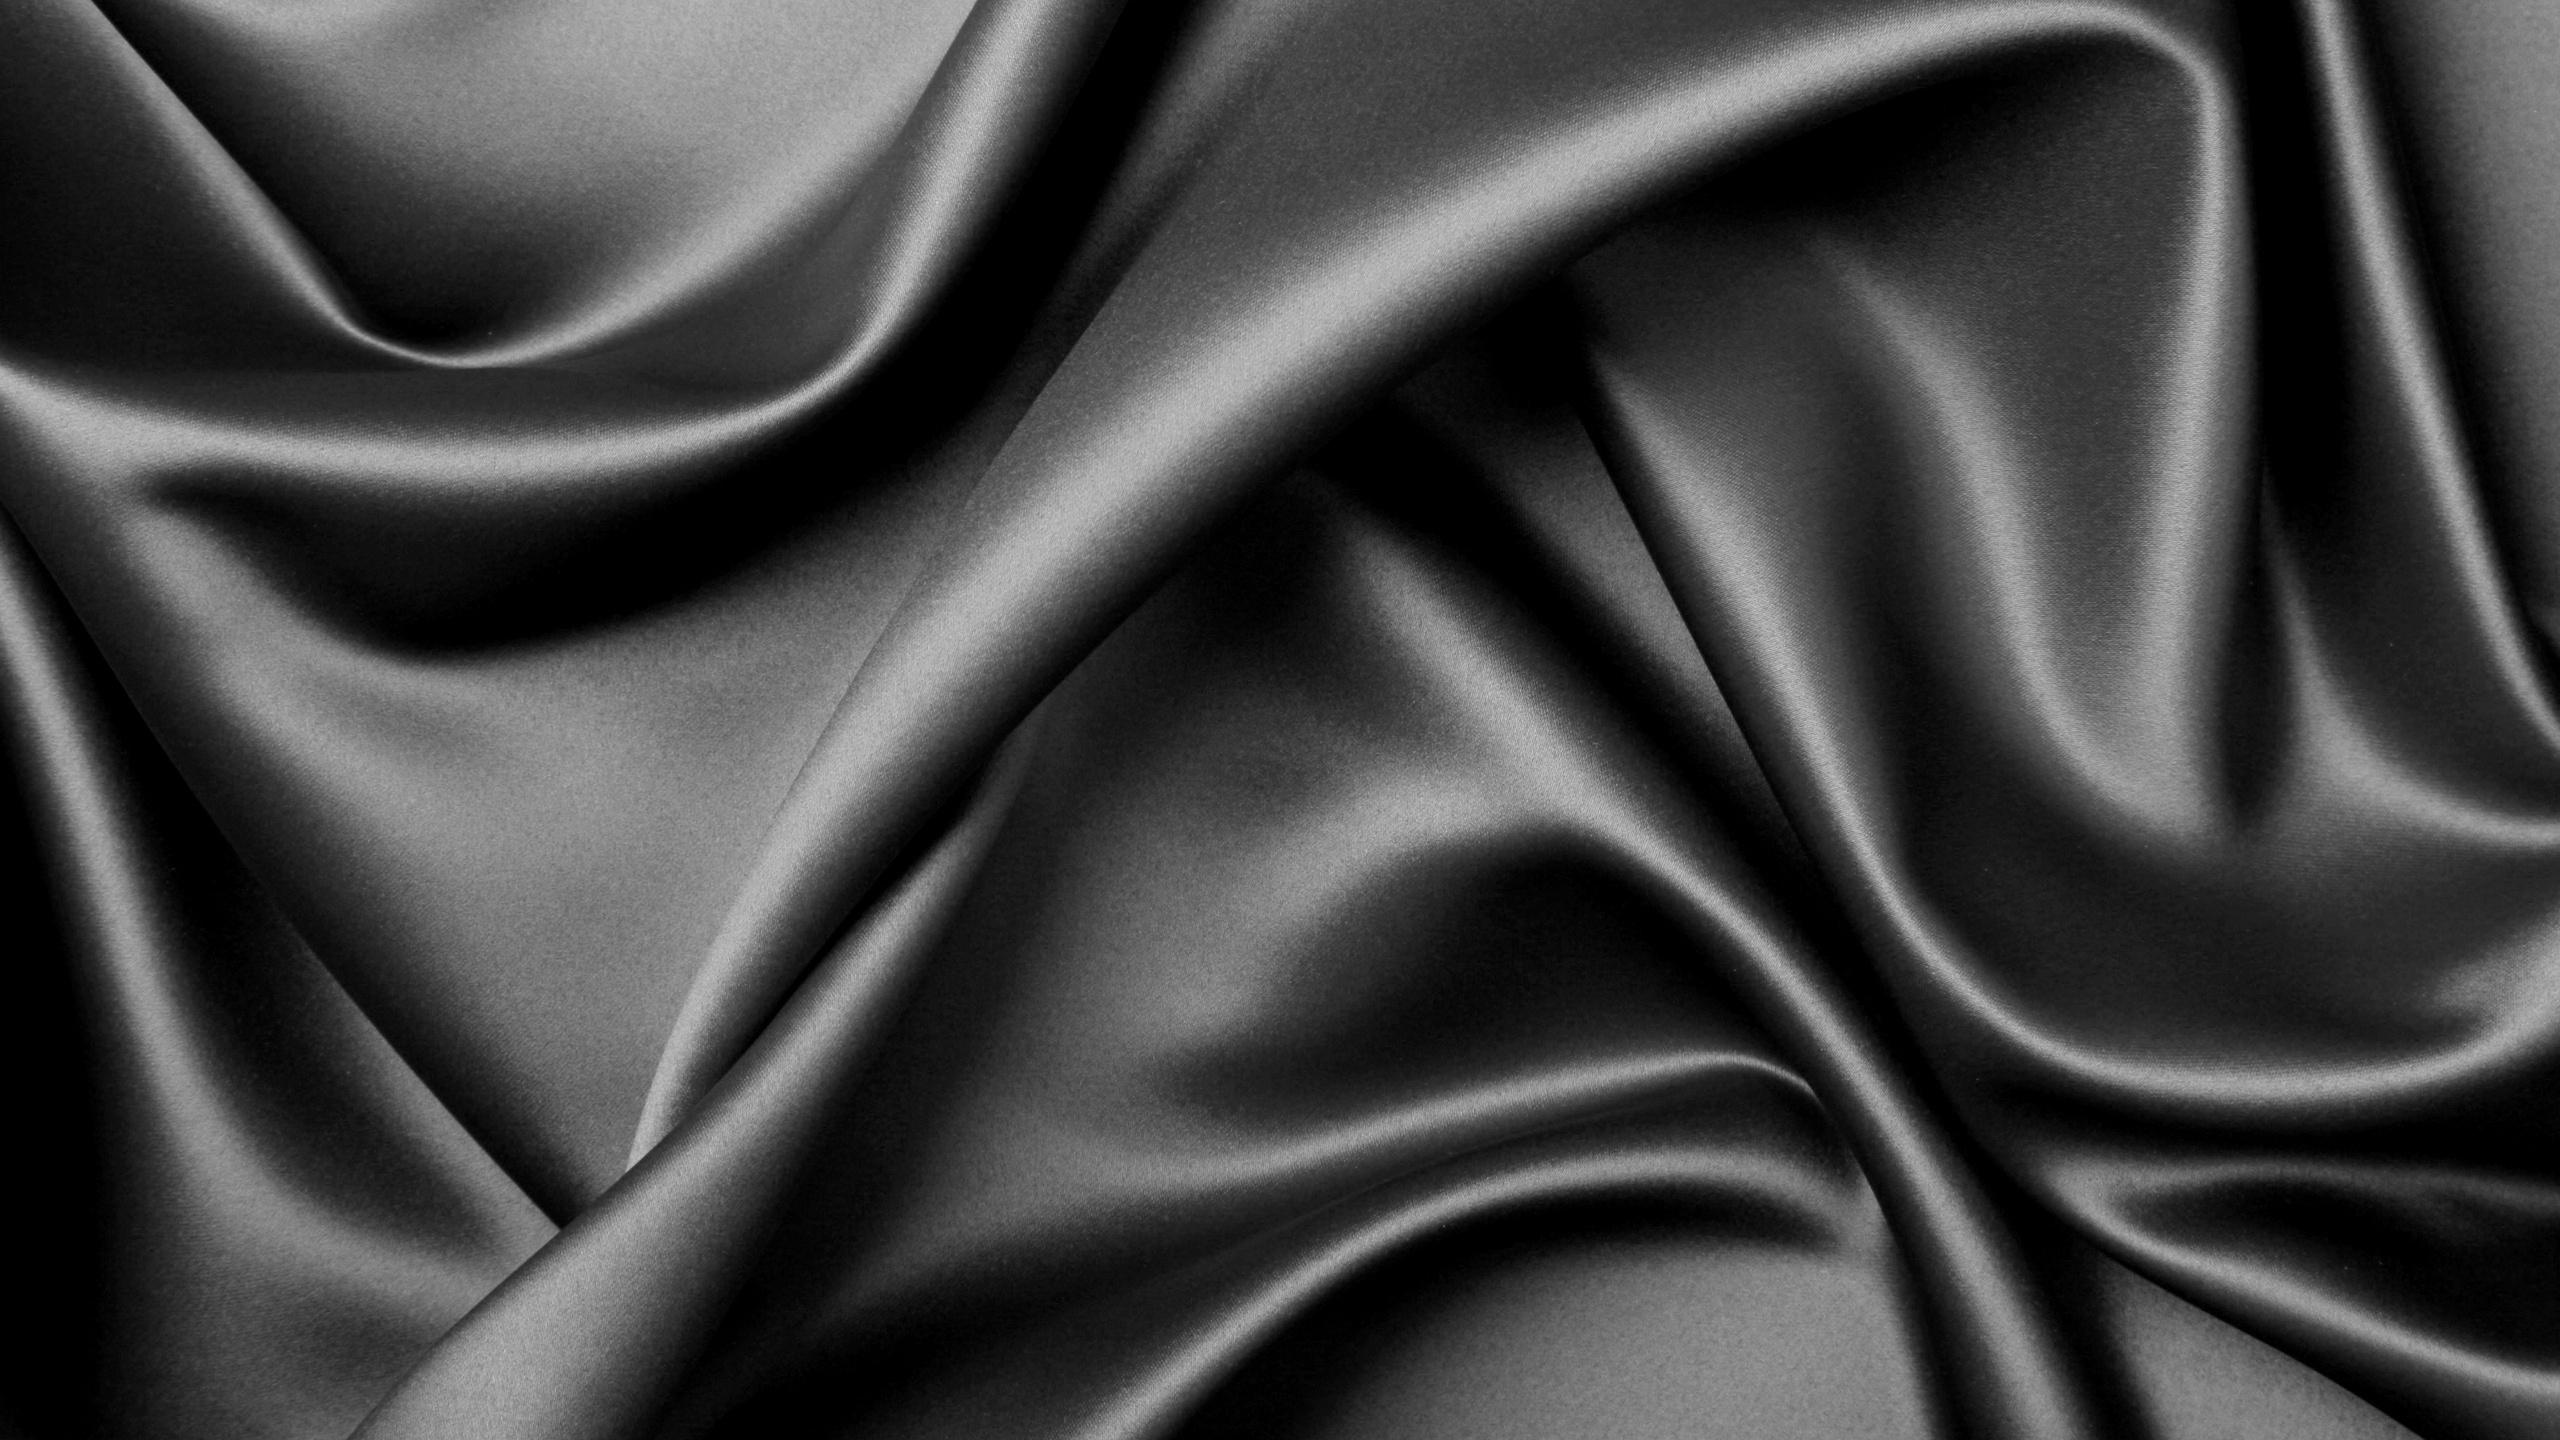 Fabric #8